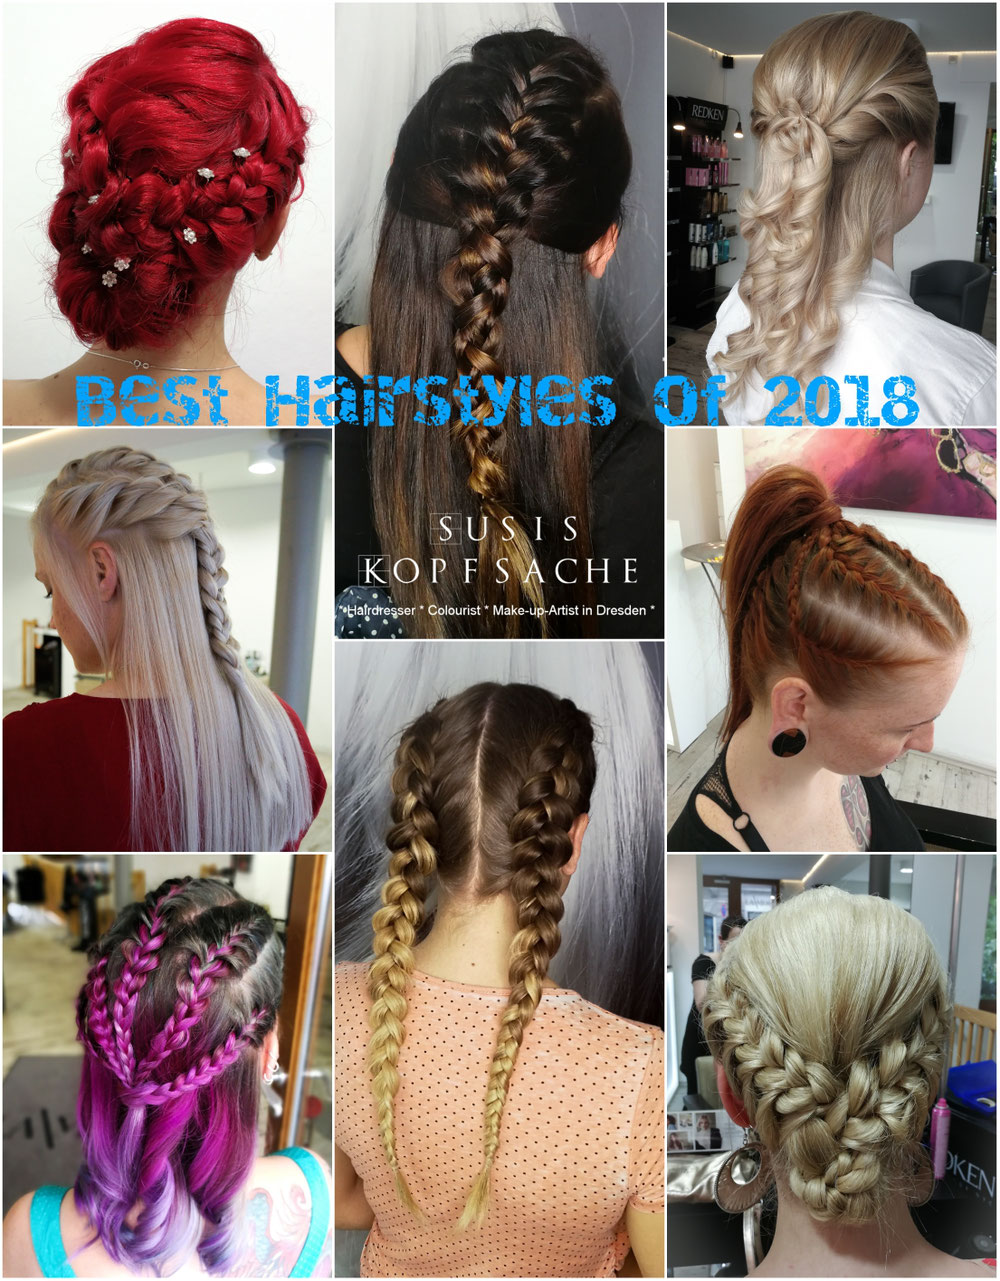 Best Hairstyles 2018